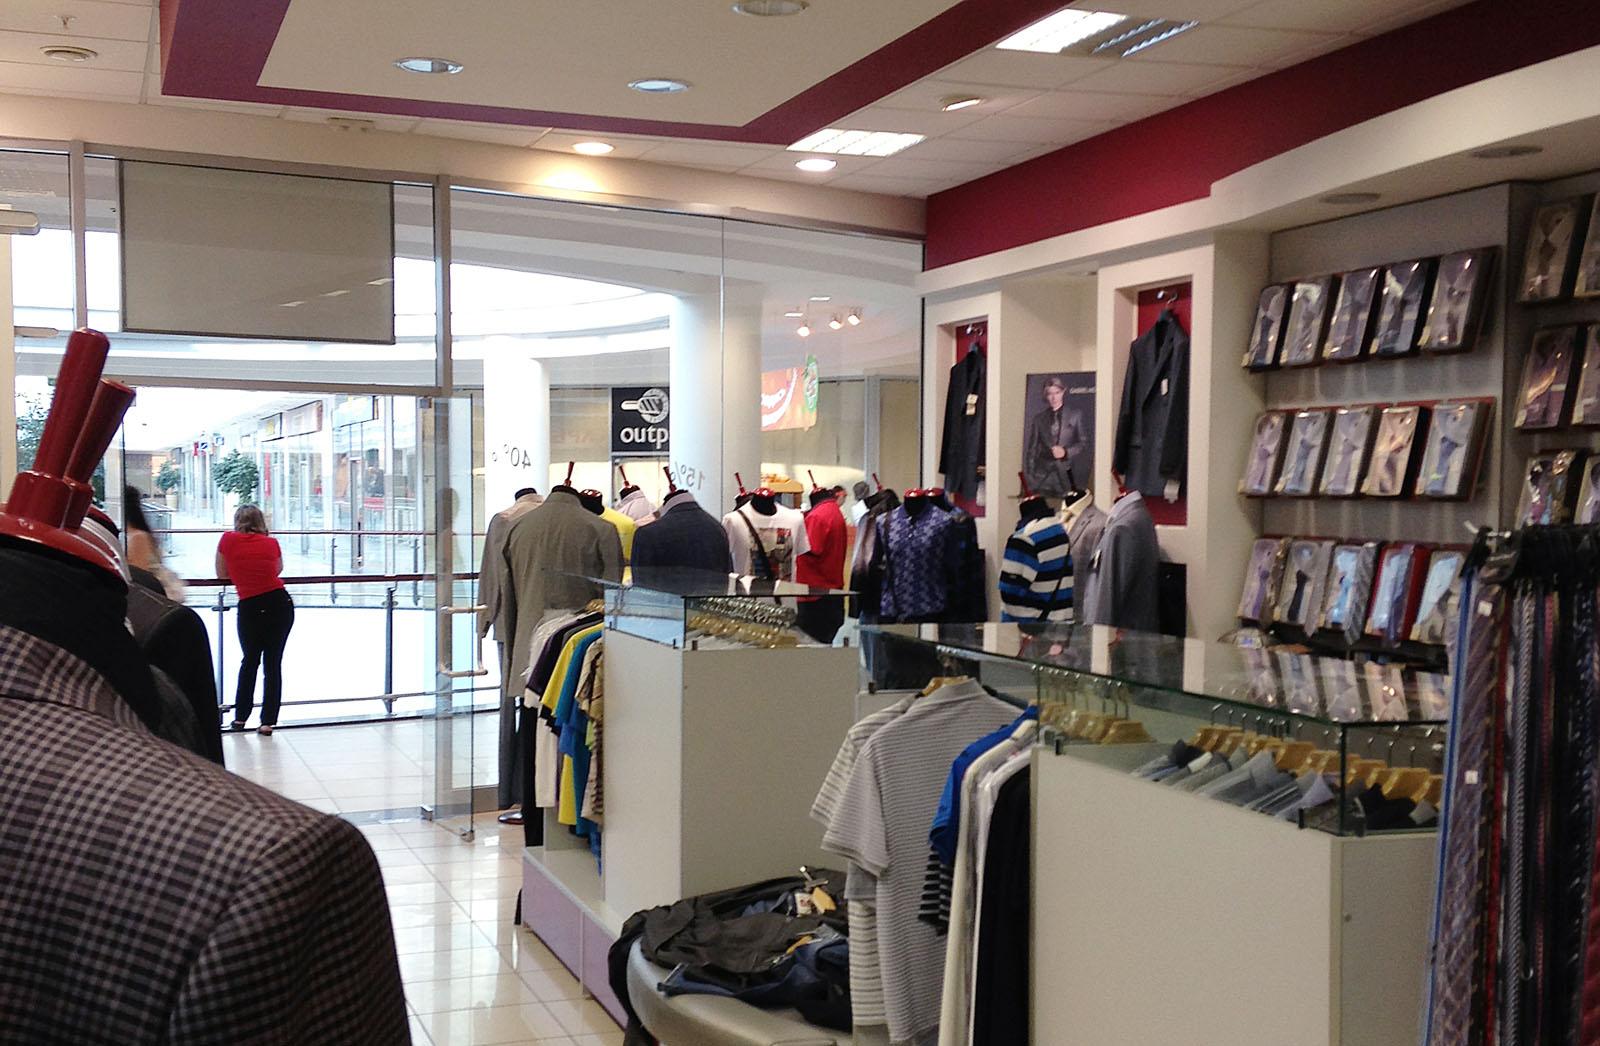 129ededf006 Дизайн мужского магазина одежды  фото способов оформления